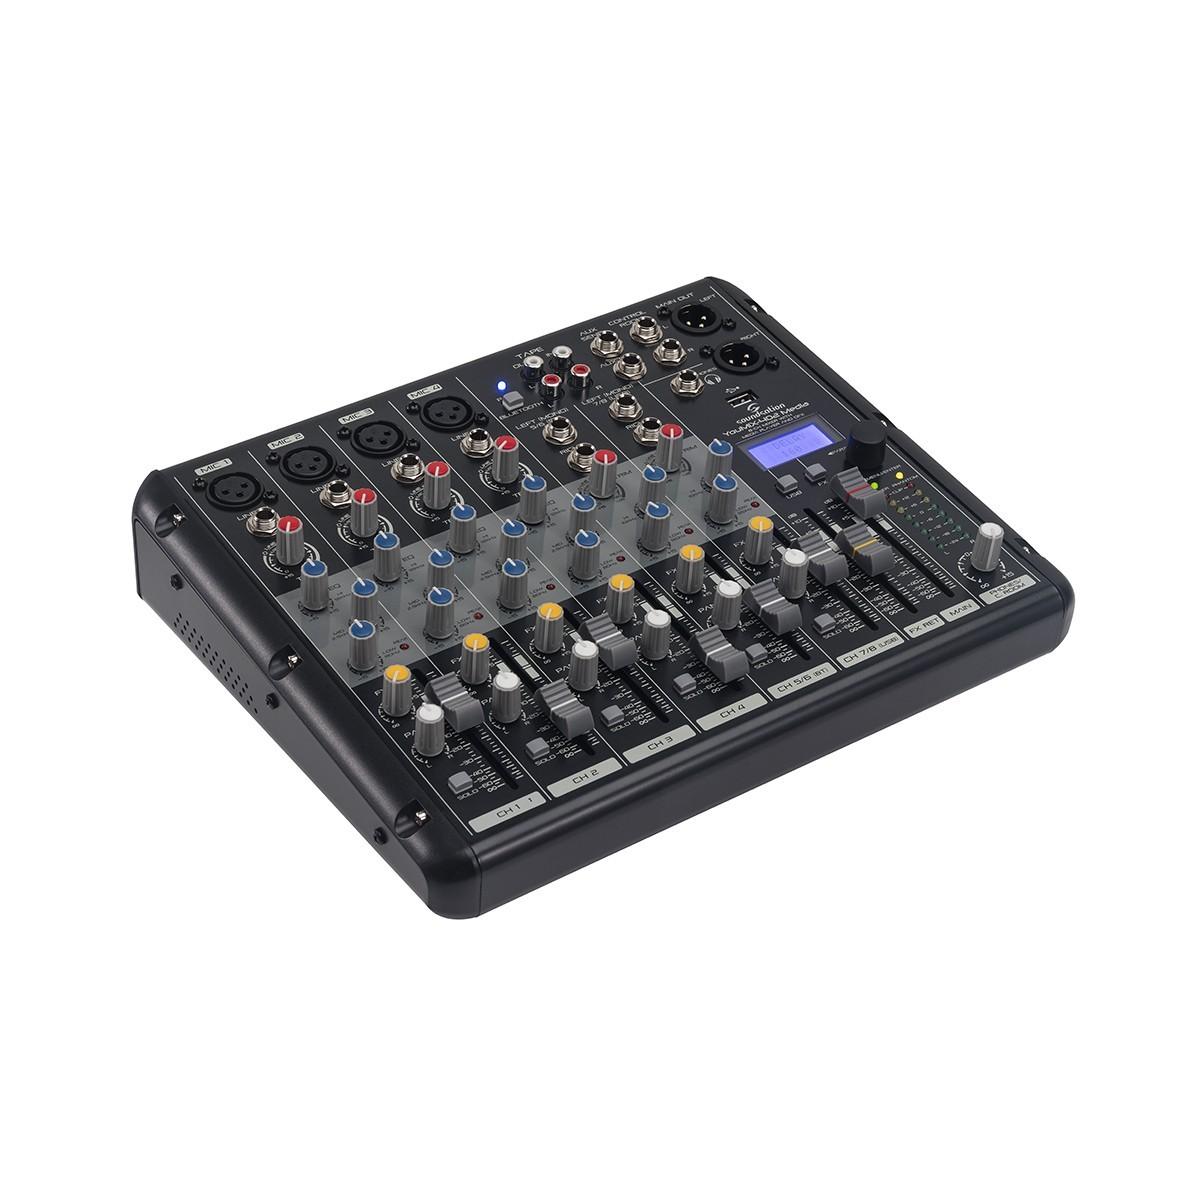 MIXER SOUNDSATION YOUMIX-402 MEDIA C/EFFETTI E LETTORE AUDIO